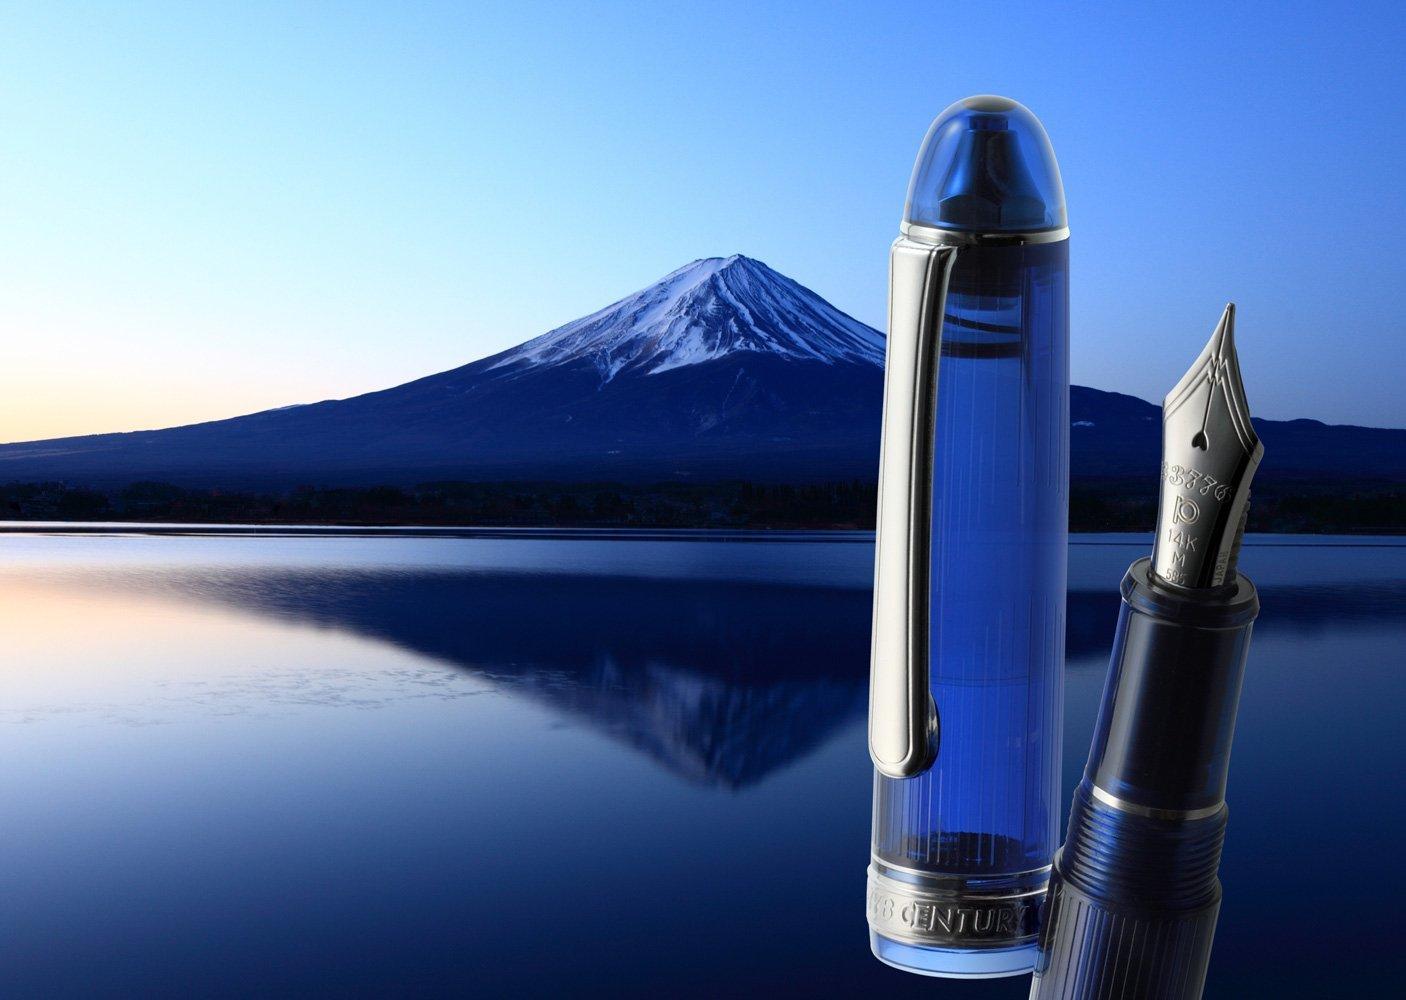 プラチナ万年筆富士山河口湖センチュリー3776